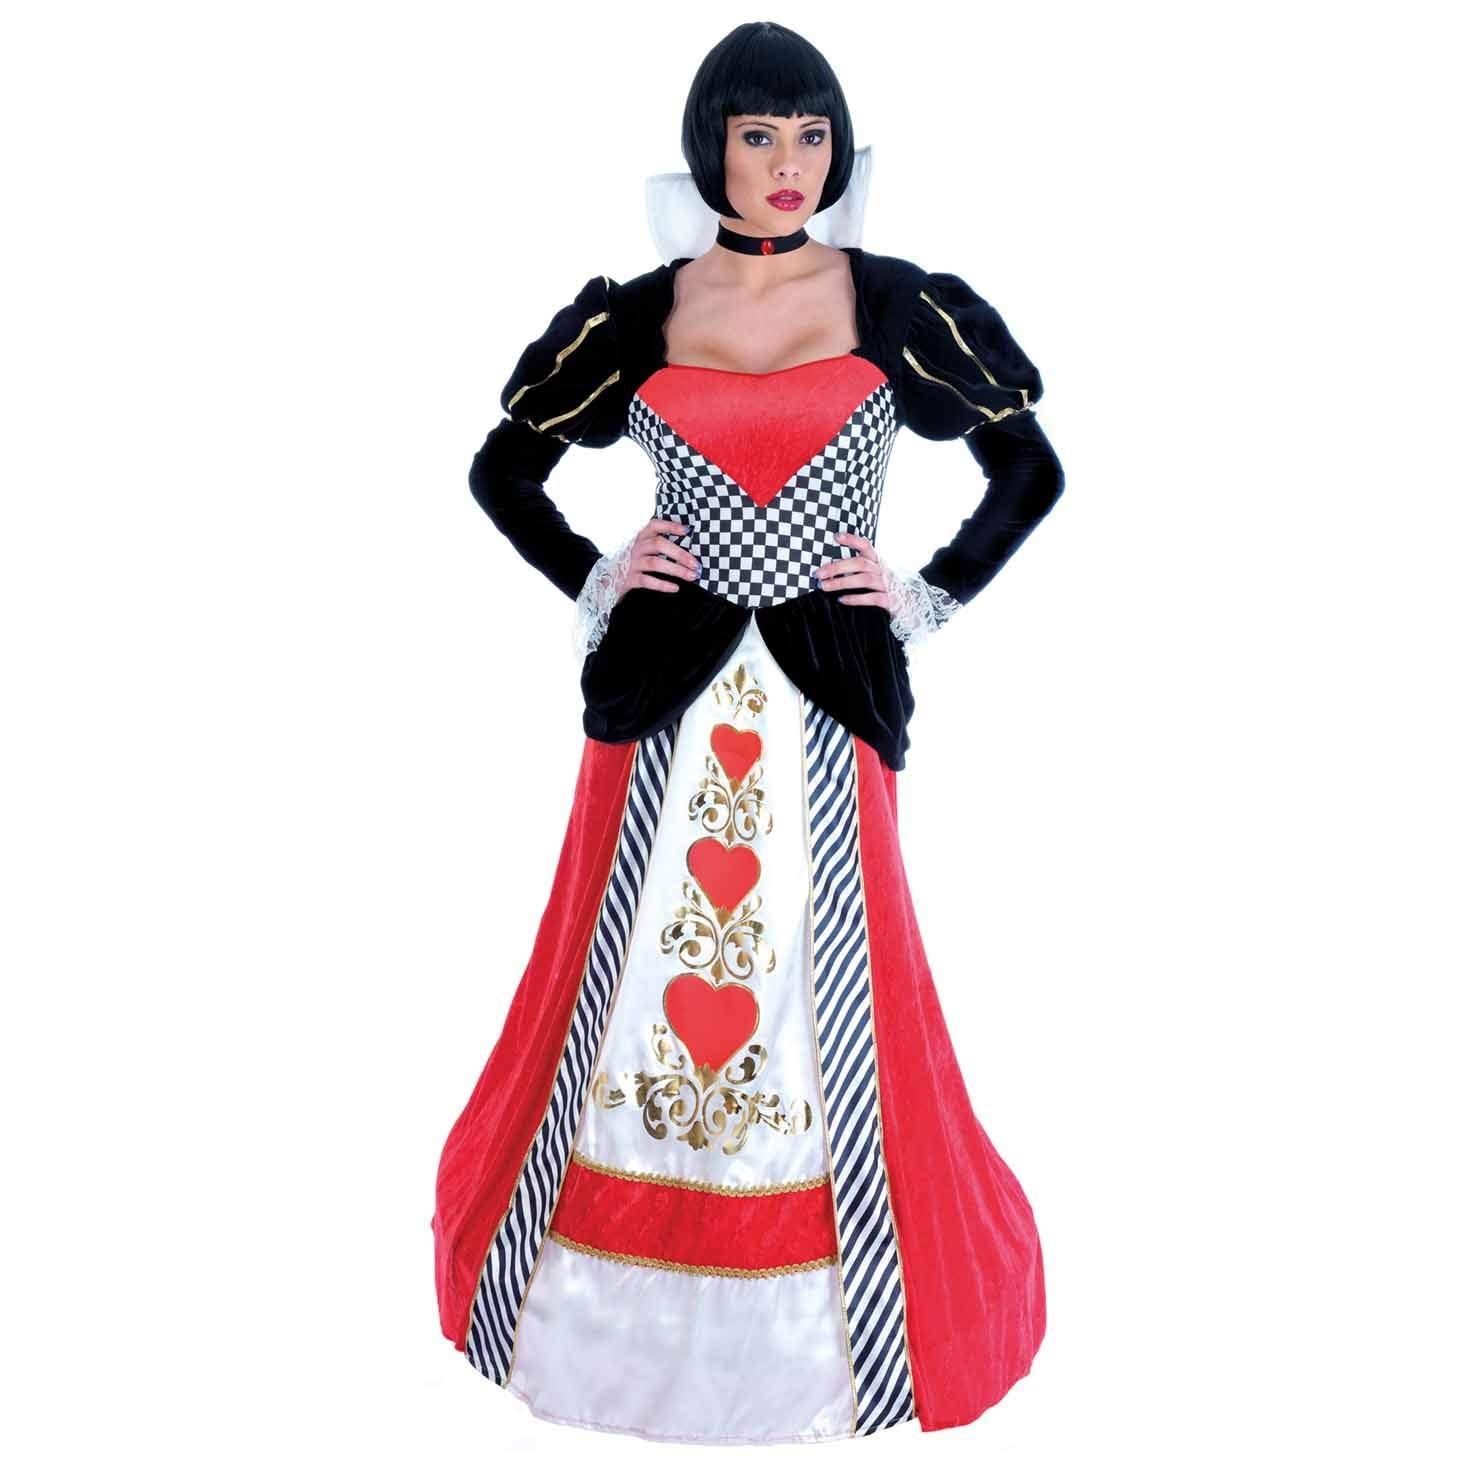 Fun Shack Roja Reina De Corazones Disfraz para Mujeres - M: Amazon.es: Juguetes y juegos